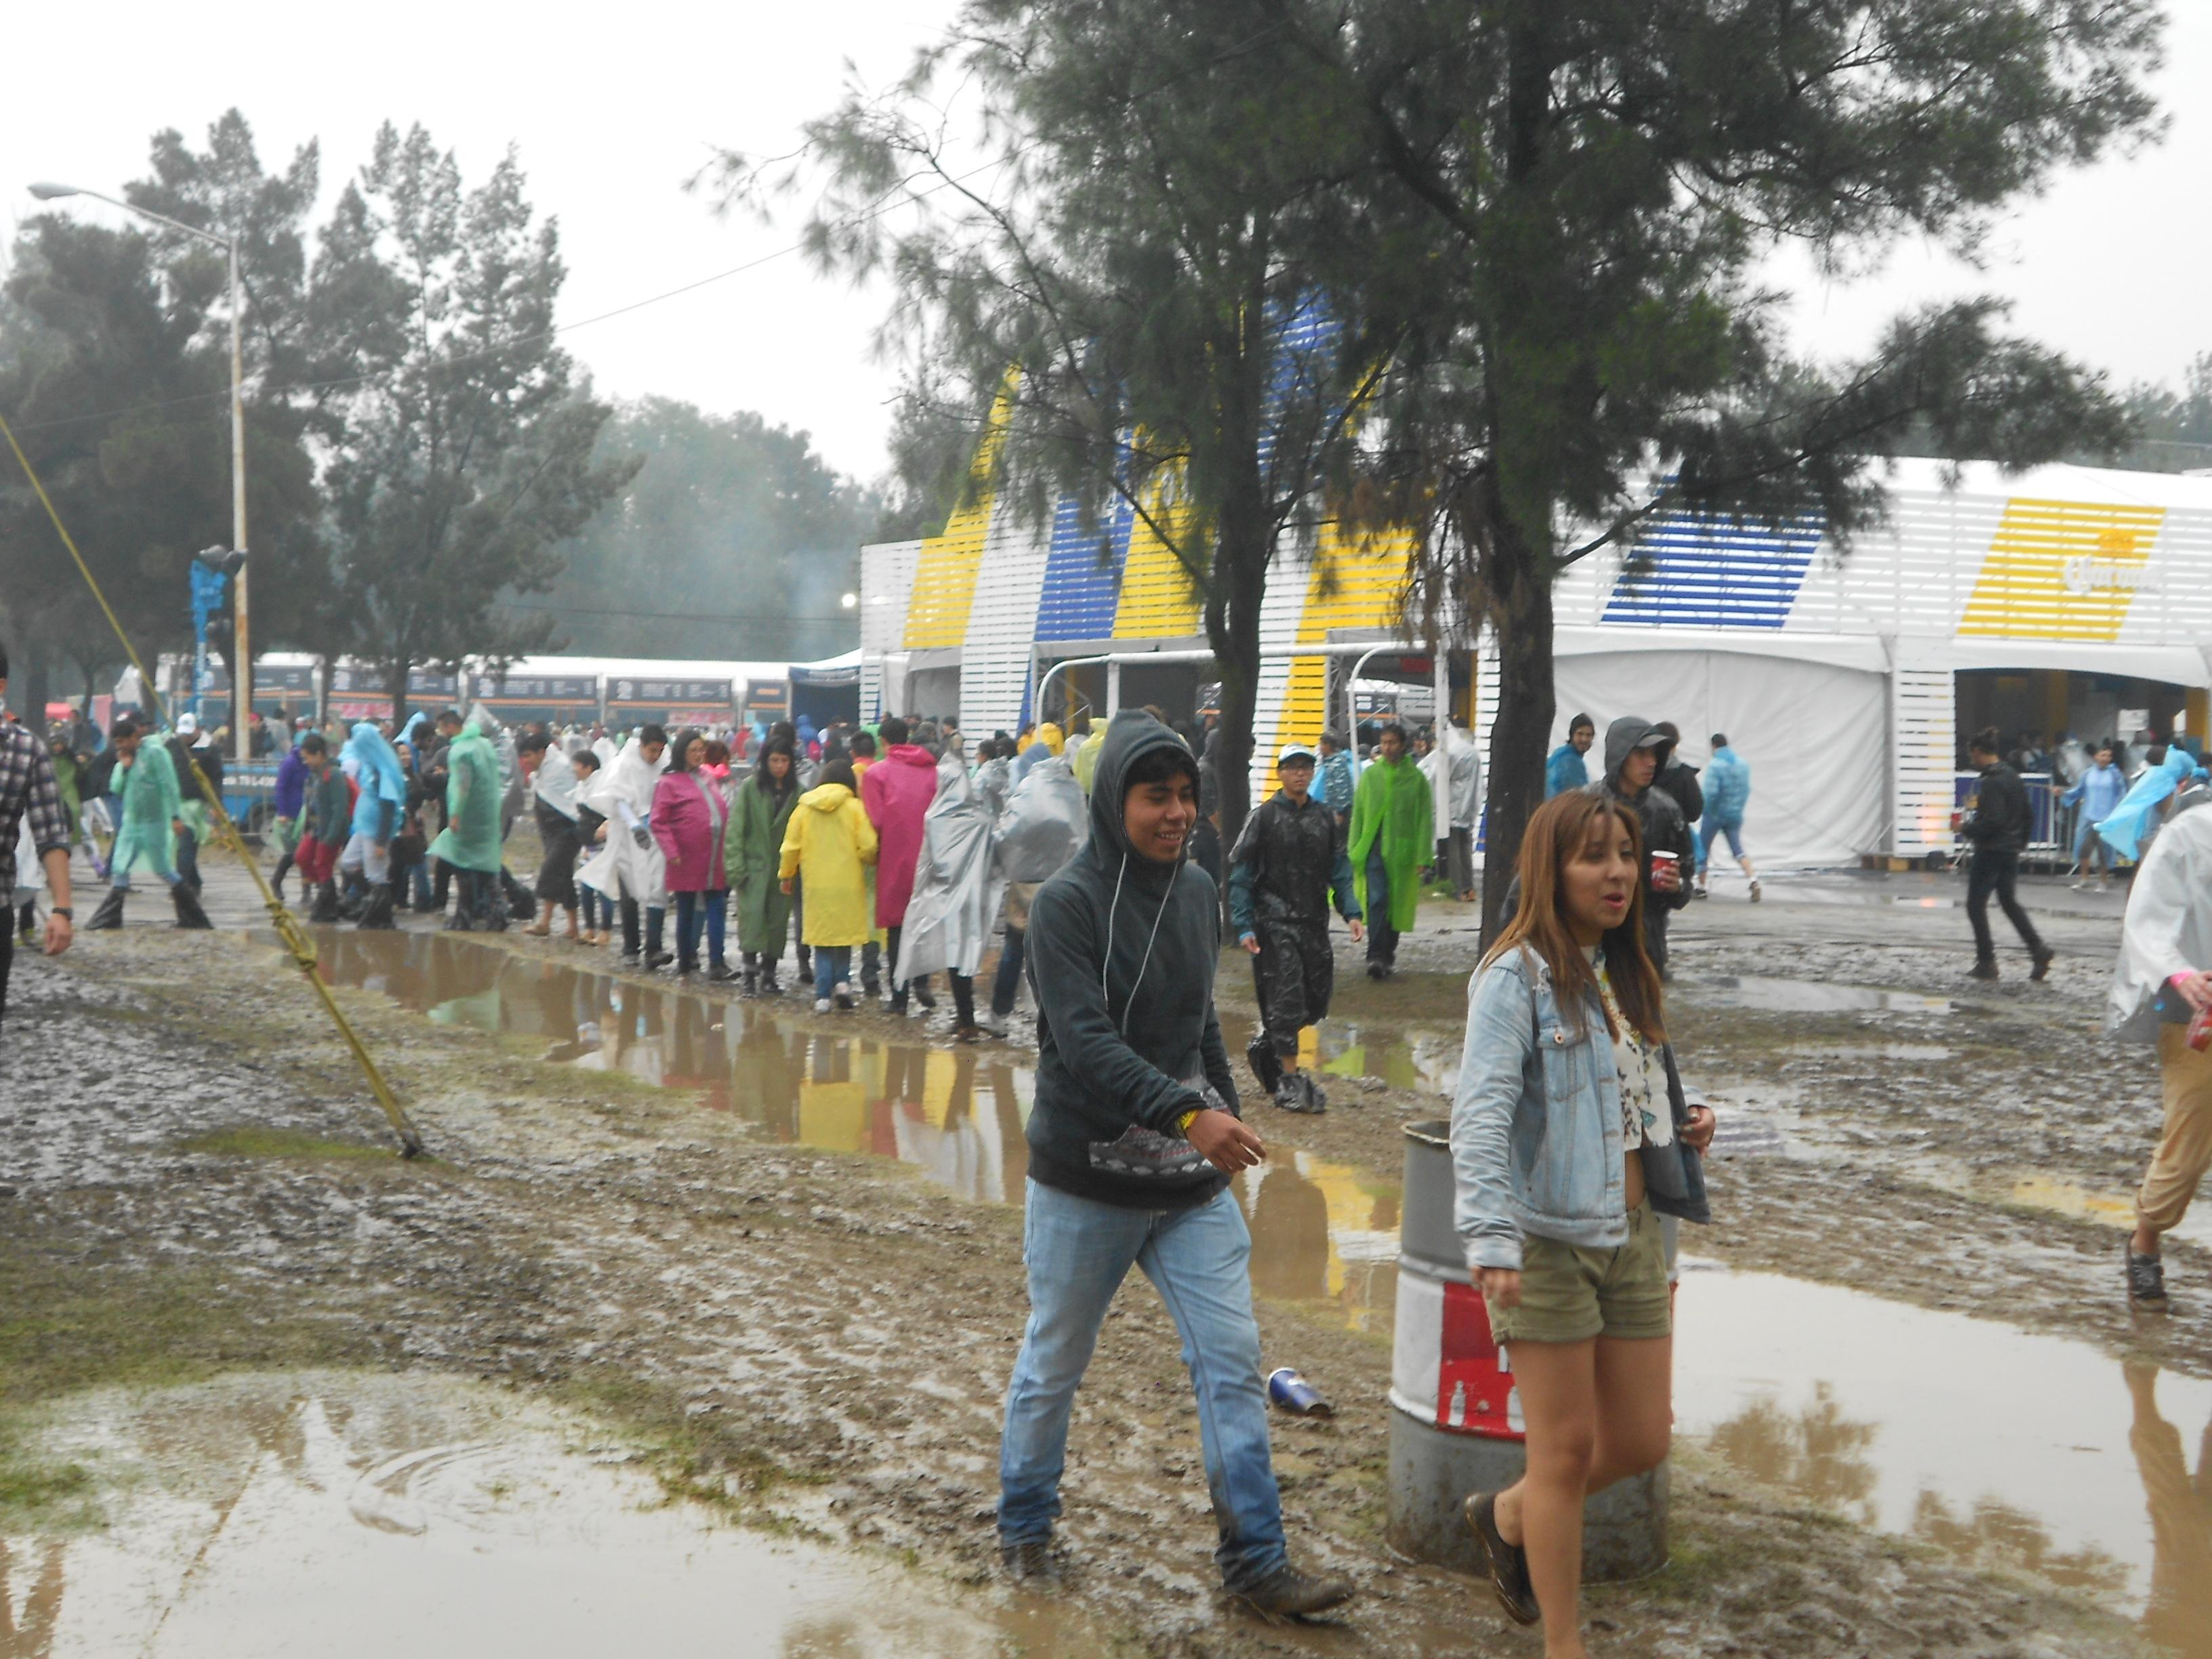 Corona Capital Festival. Photo taken by the author, J. Tadeo.